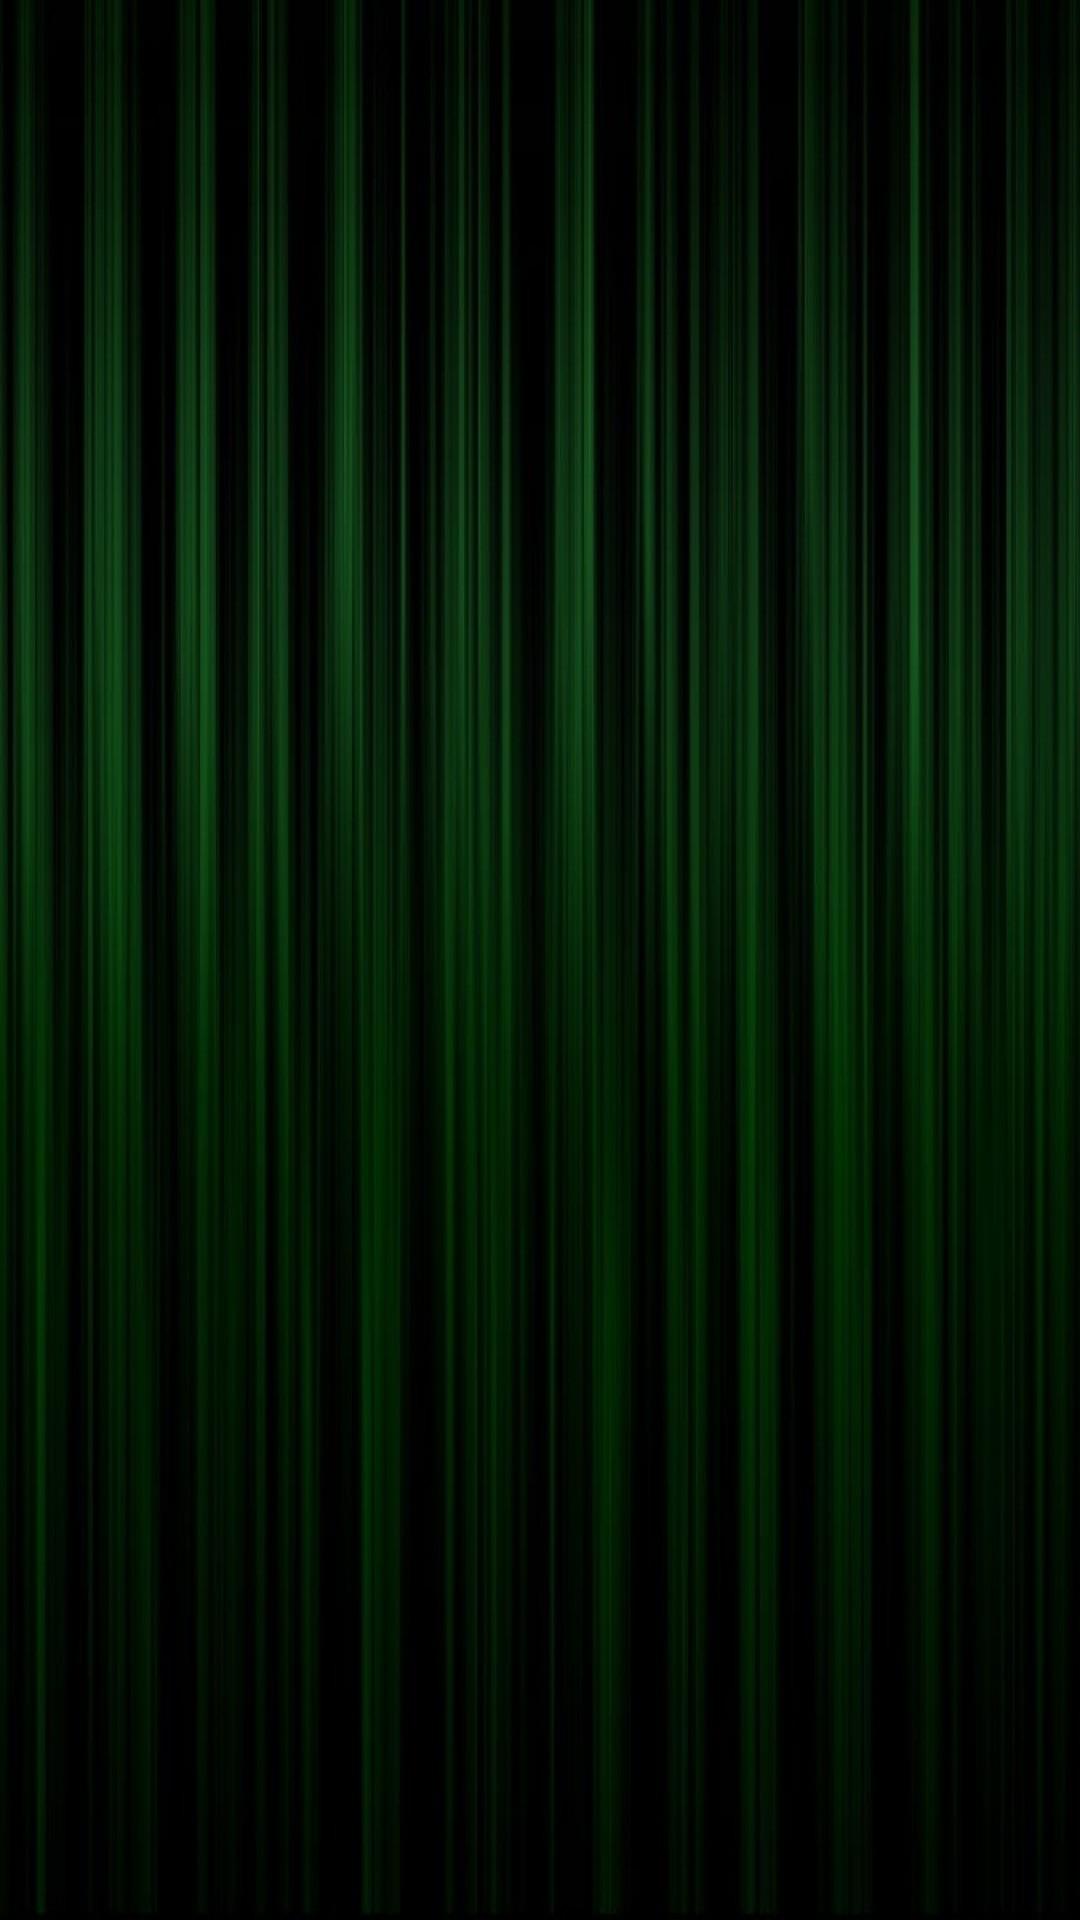 Preview wallpaper green, bands, vertical, dark, shadow 1080×1920